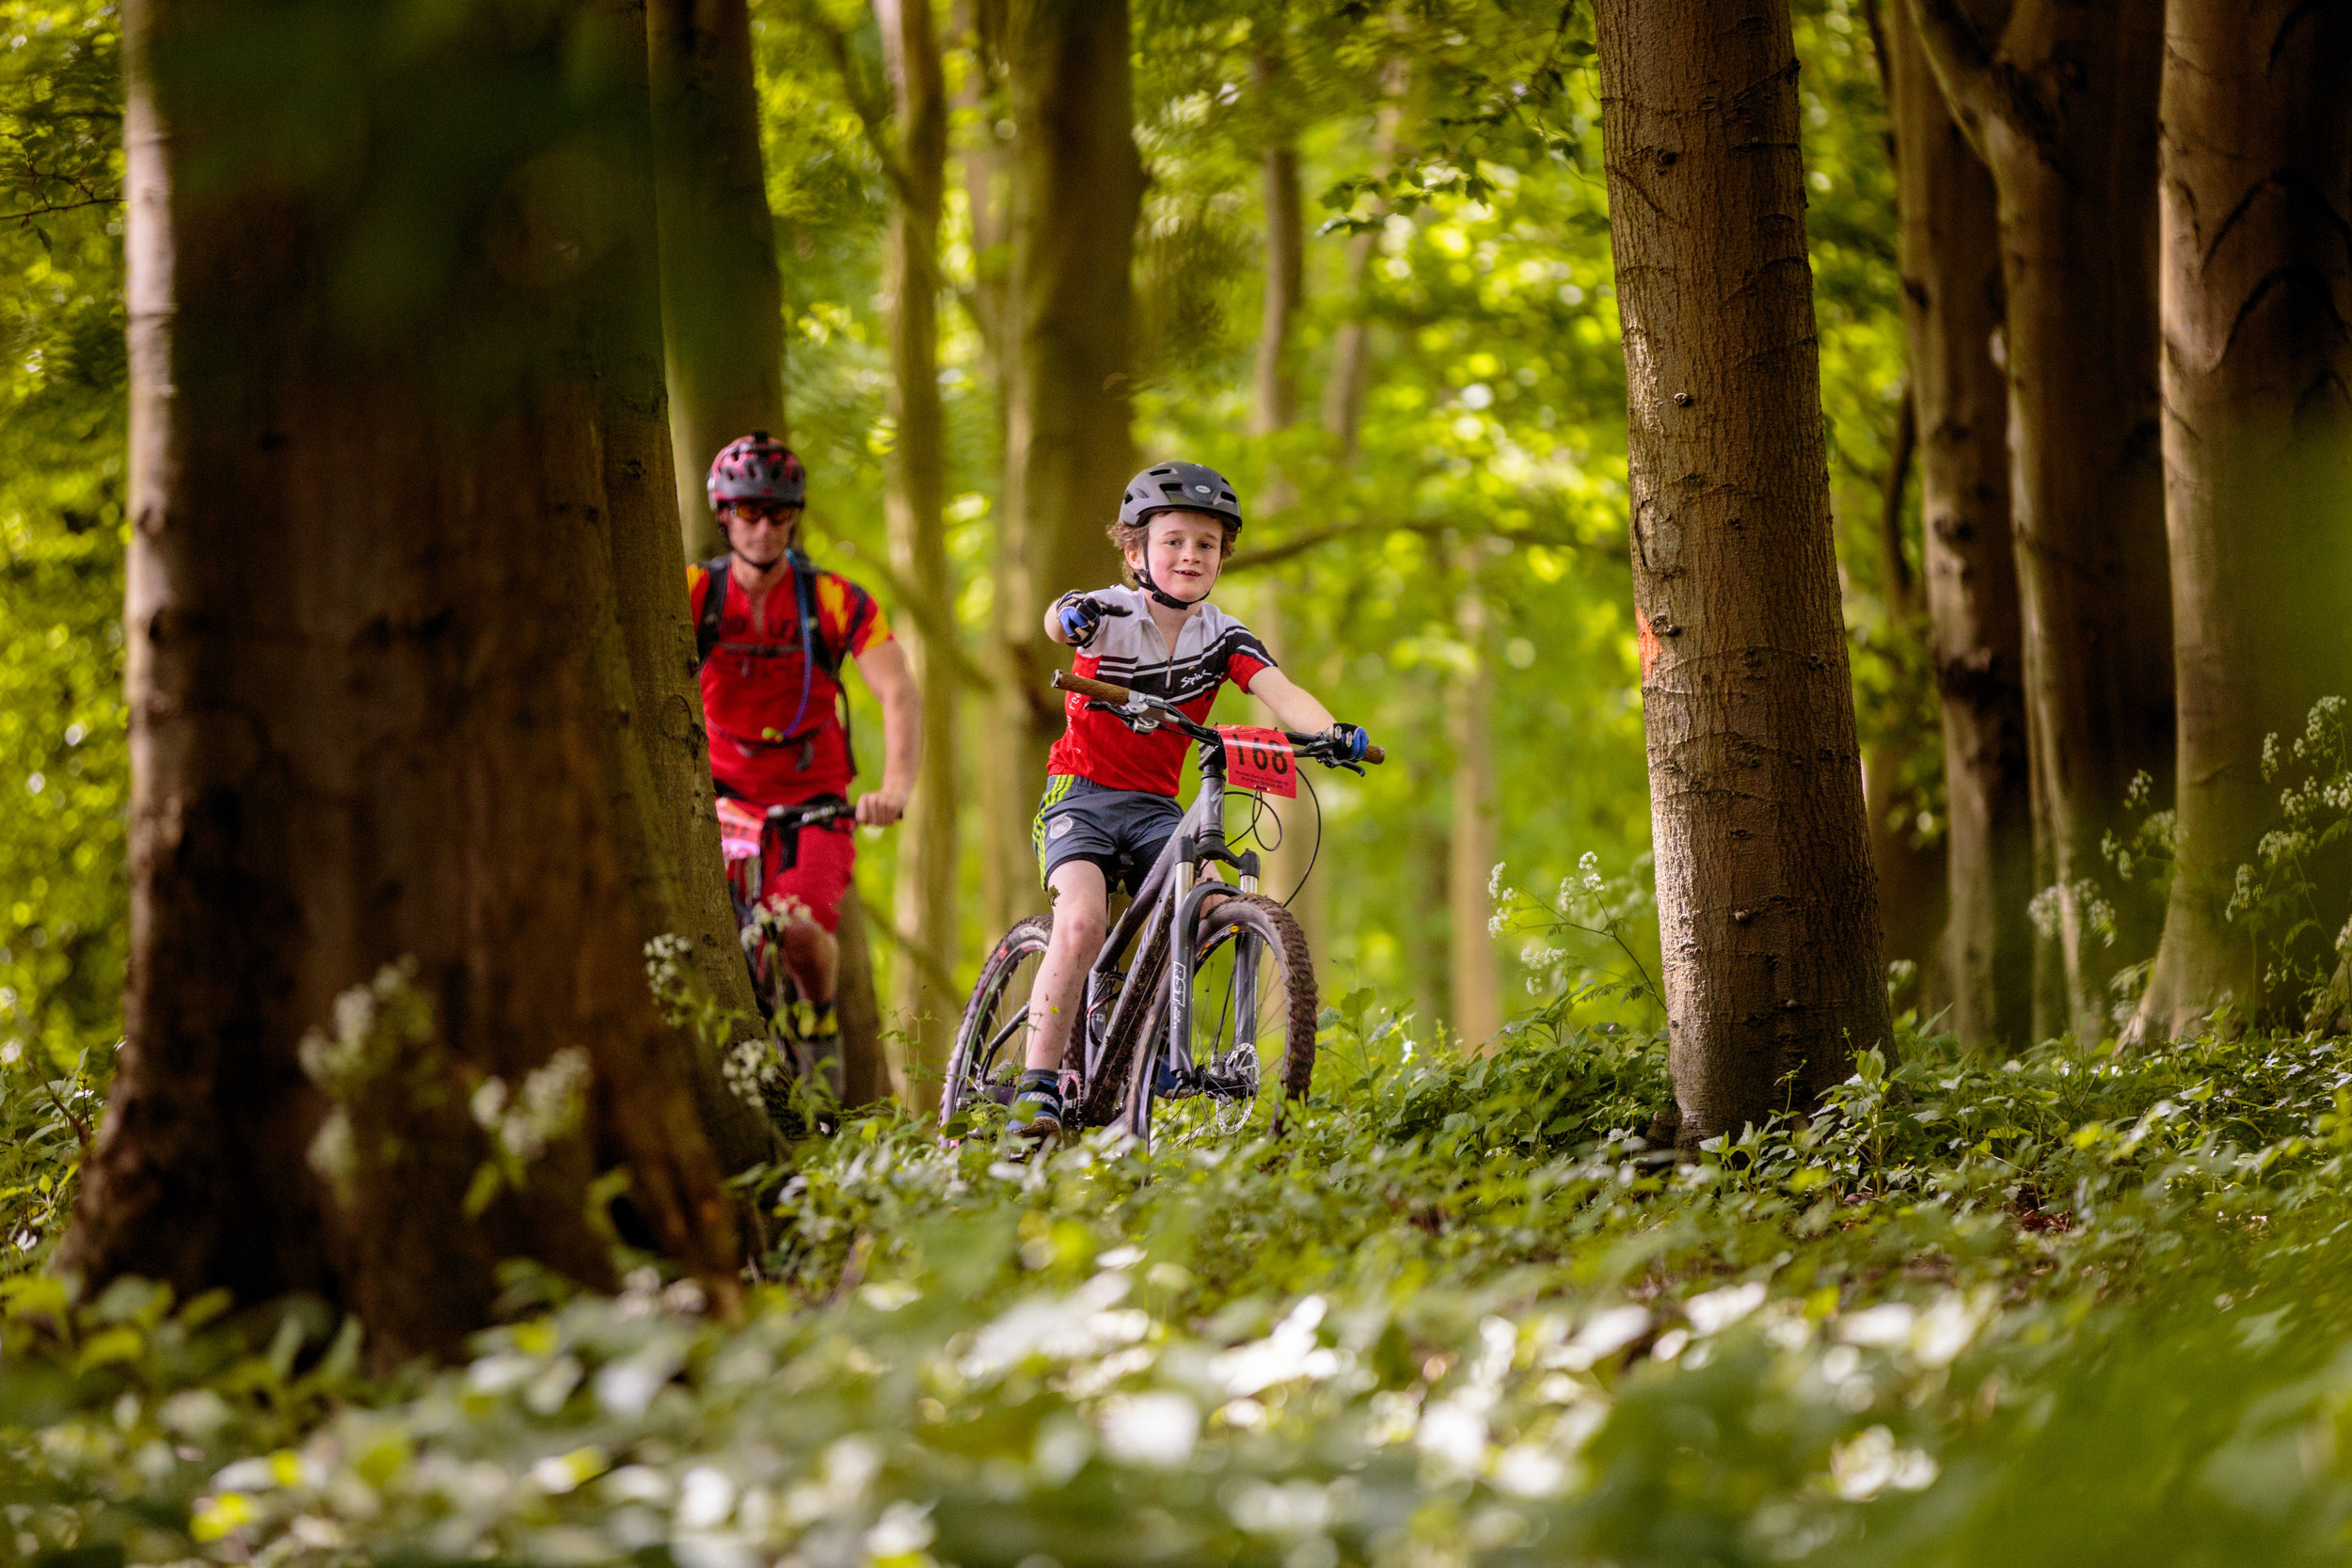 Young Mountain Bikers Waving